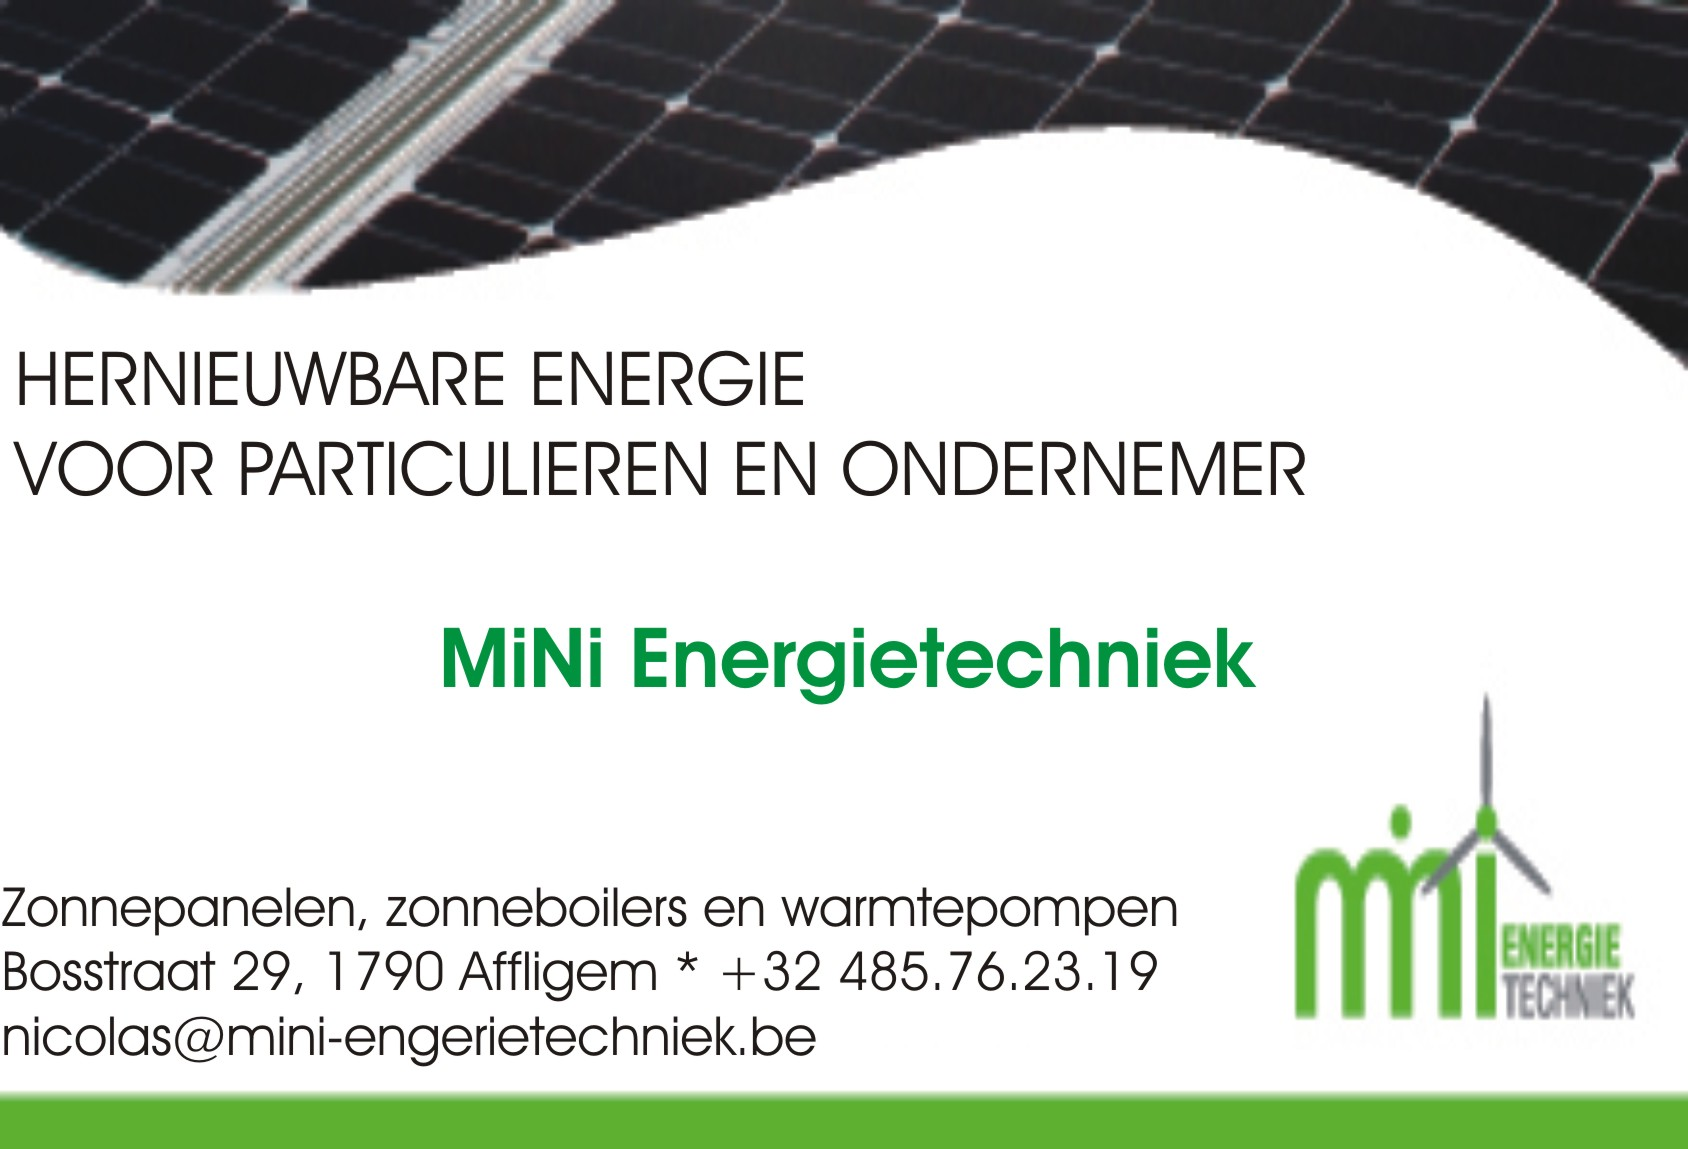 Mini Energietechniek